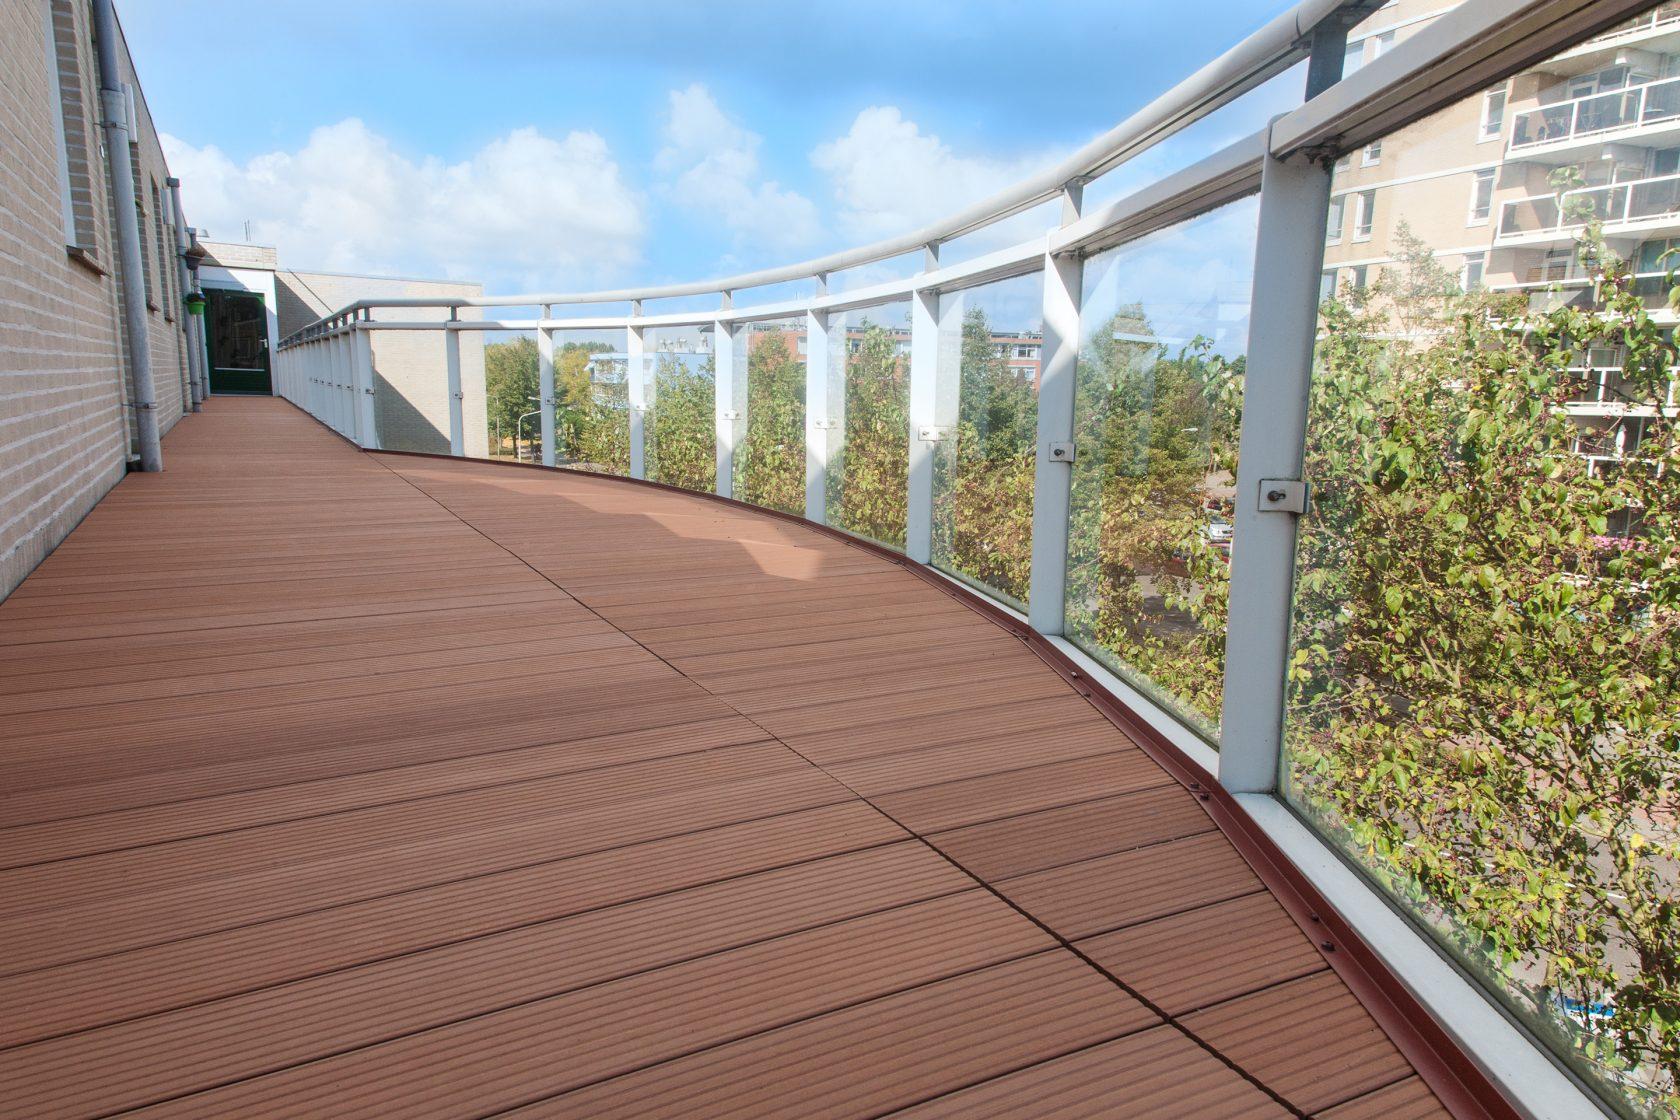 Vaak Kunststof balkonvloer? - Veelzijdig.nu - Specialist in balkonvloeren QO62